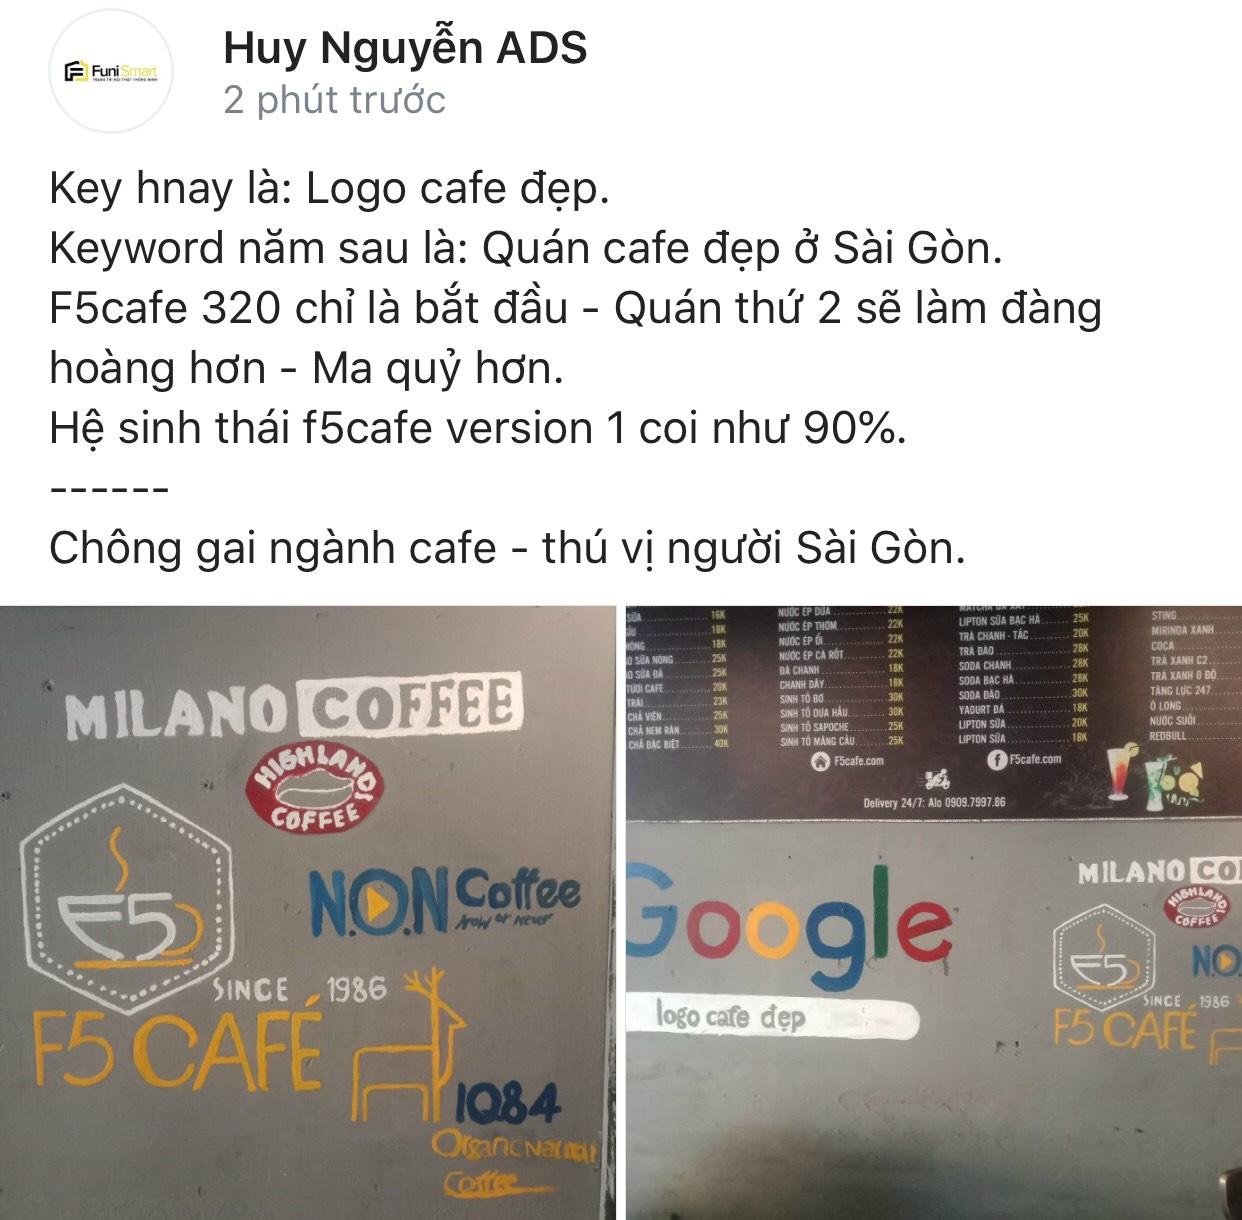 Tương lai kế hoạch mở chuỗi cafe của quán f5cafe chắc chắn từng bước